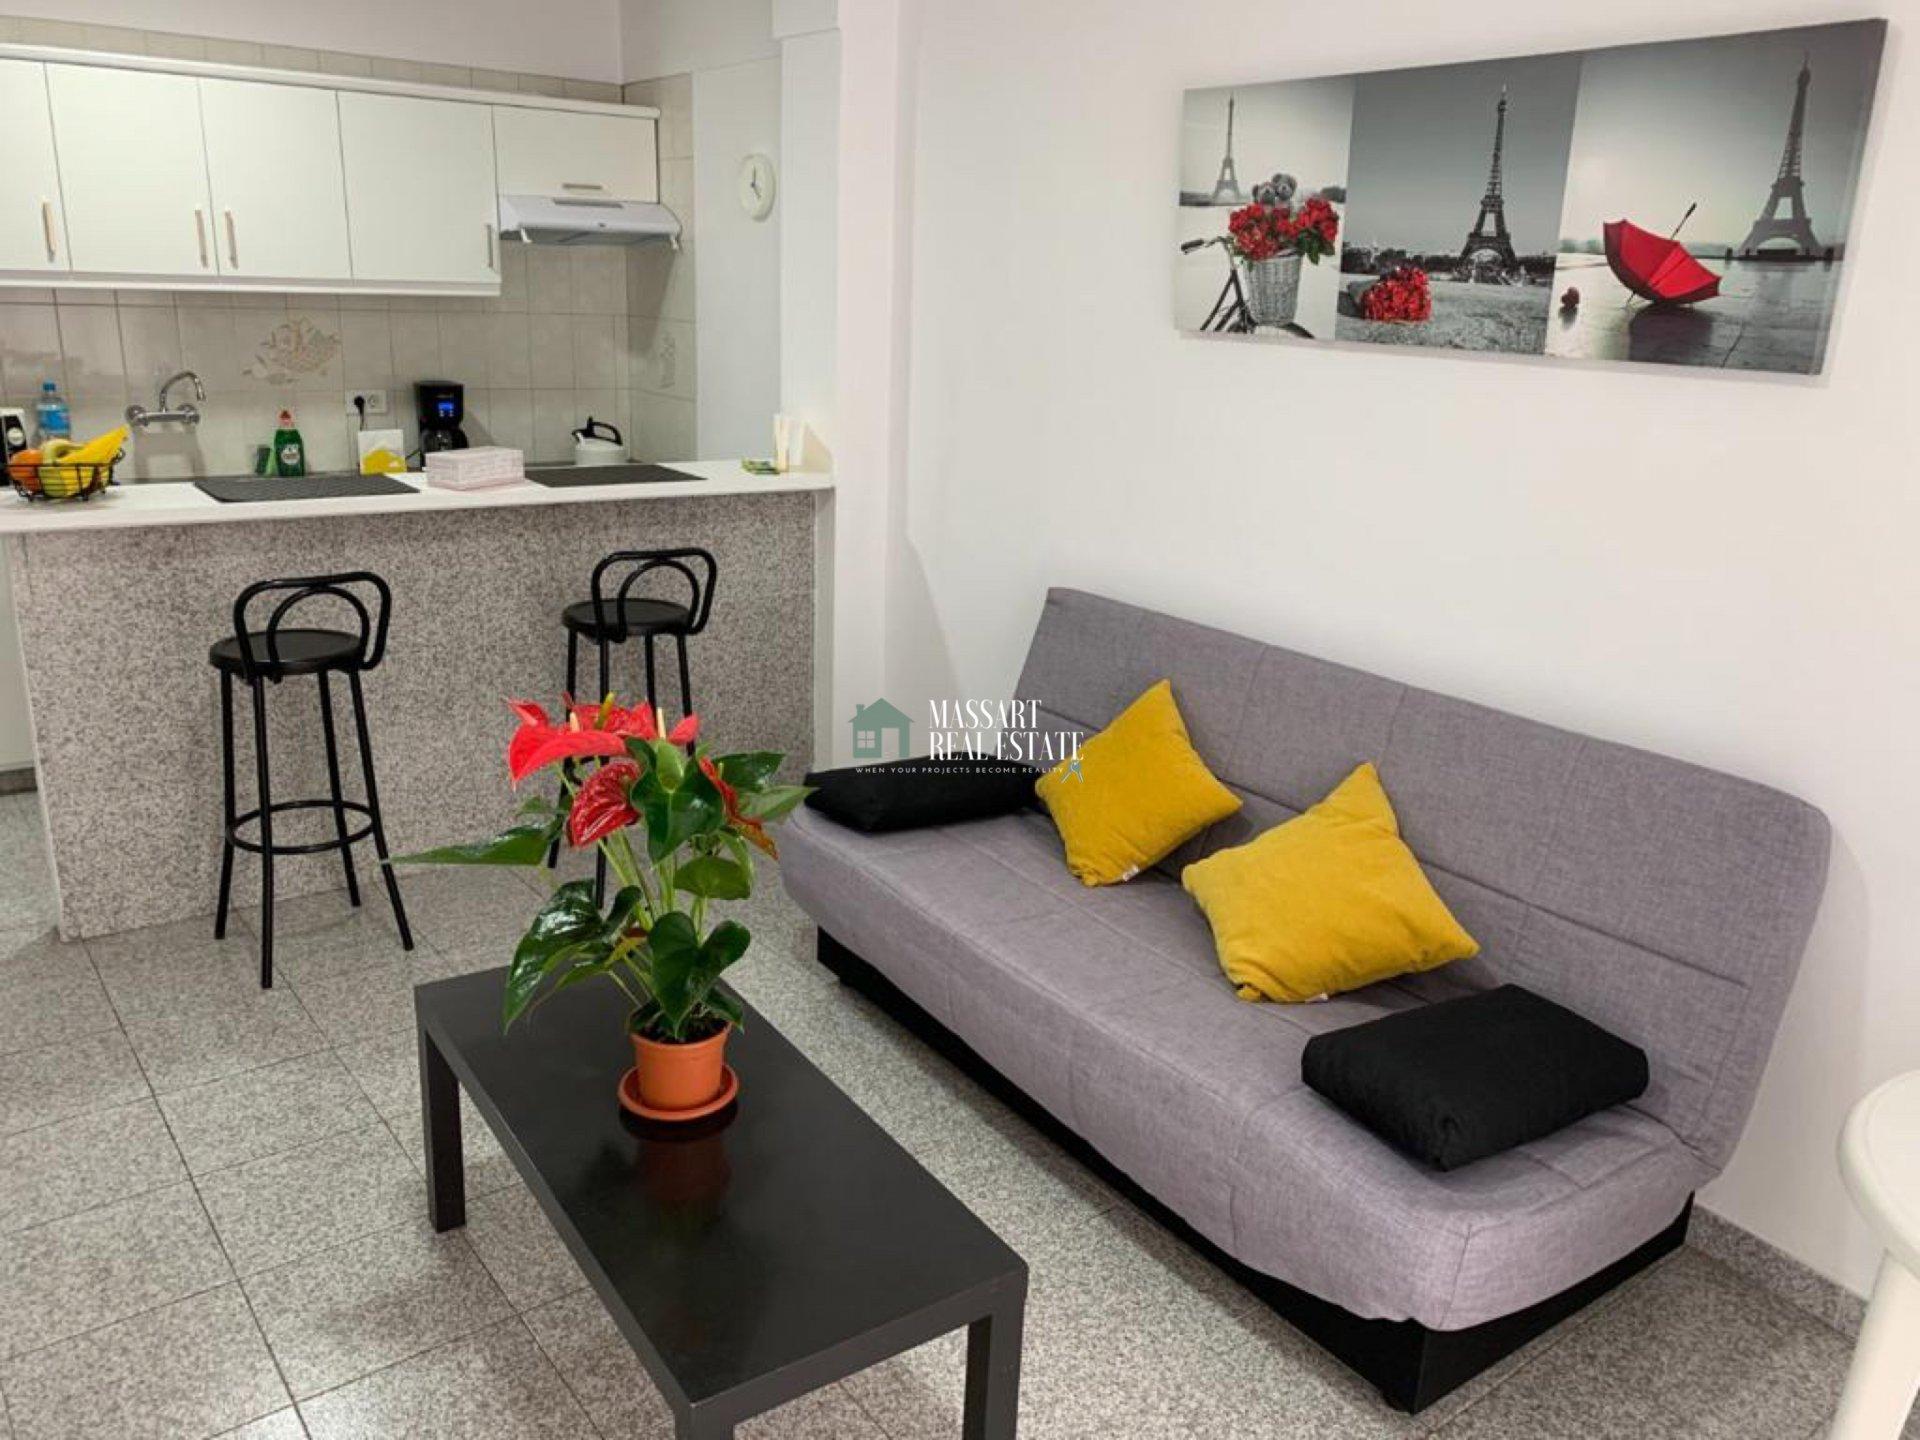 Apartamento amueblado y recientemente renovado de 70 m2 ubicado en la popular zona de Puerto Santiago…¡muy próximo a la playa!